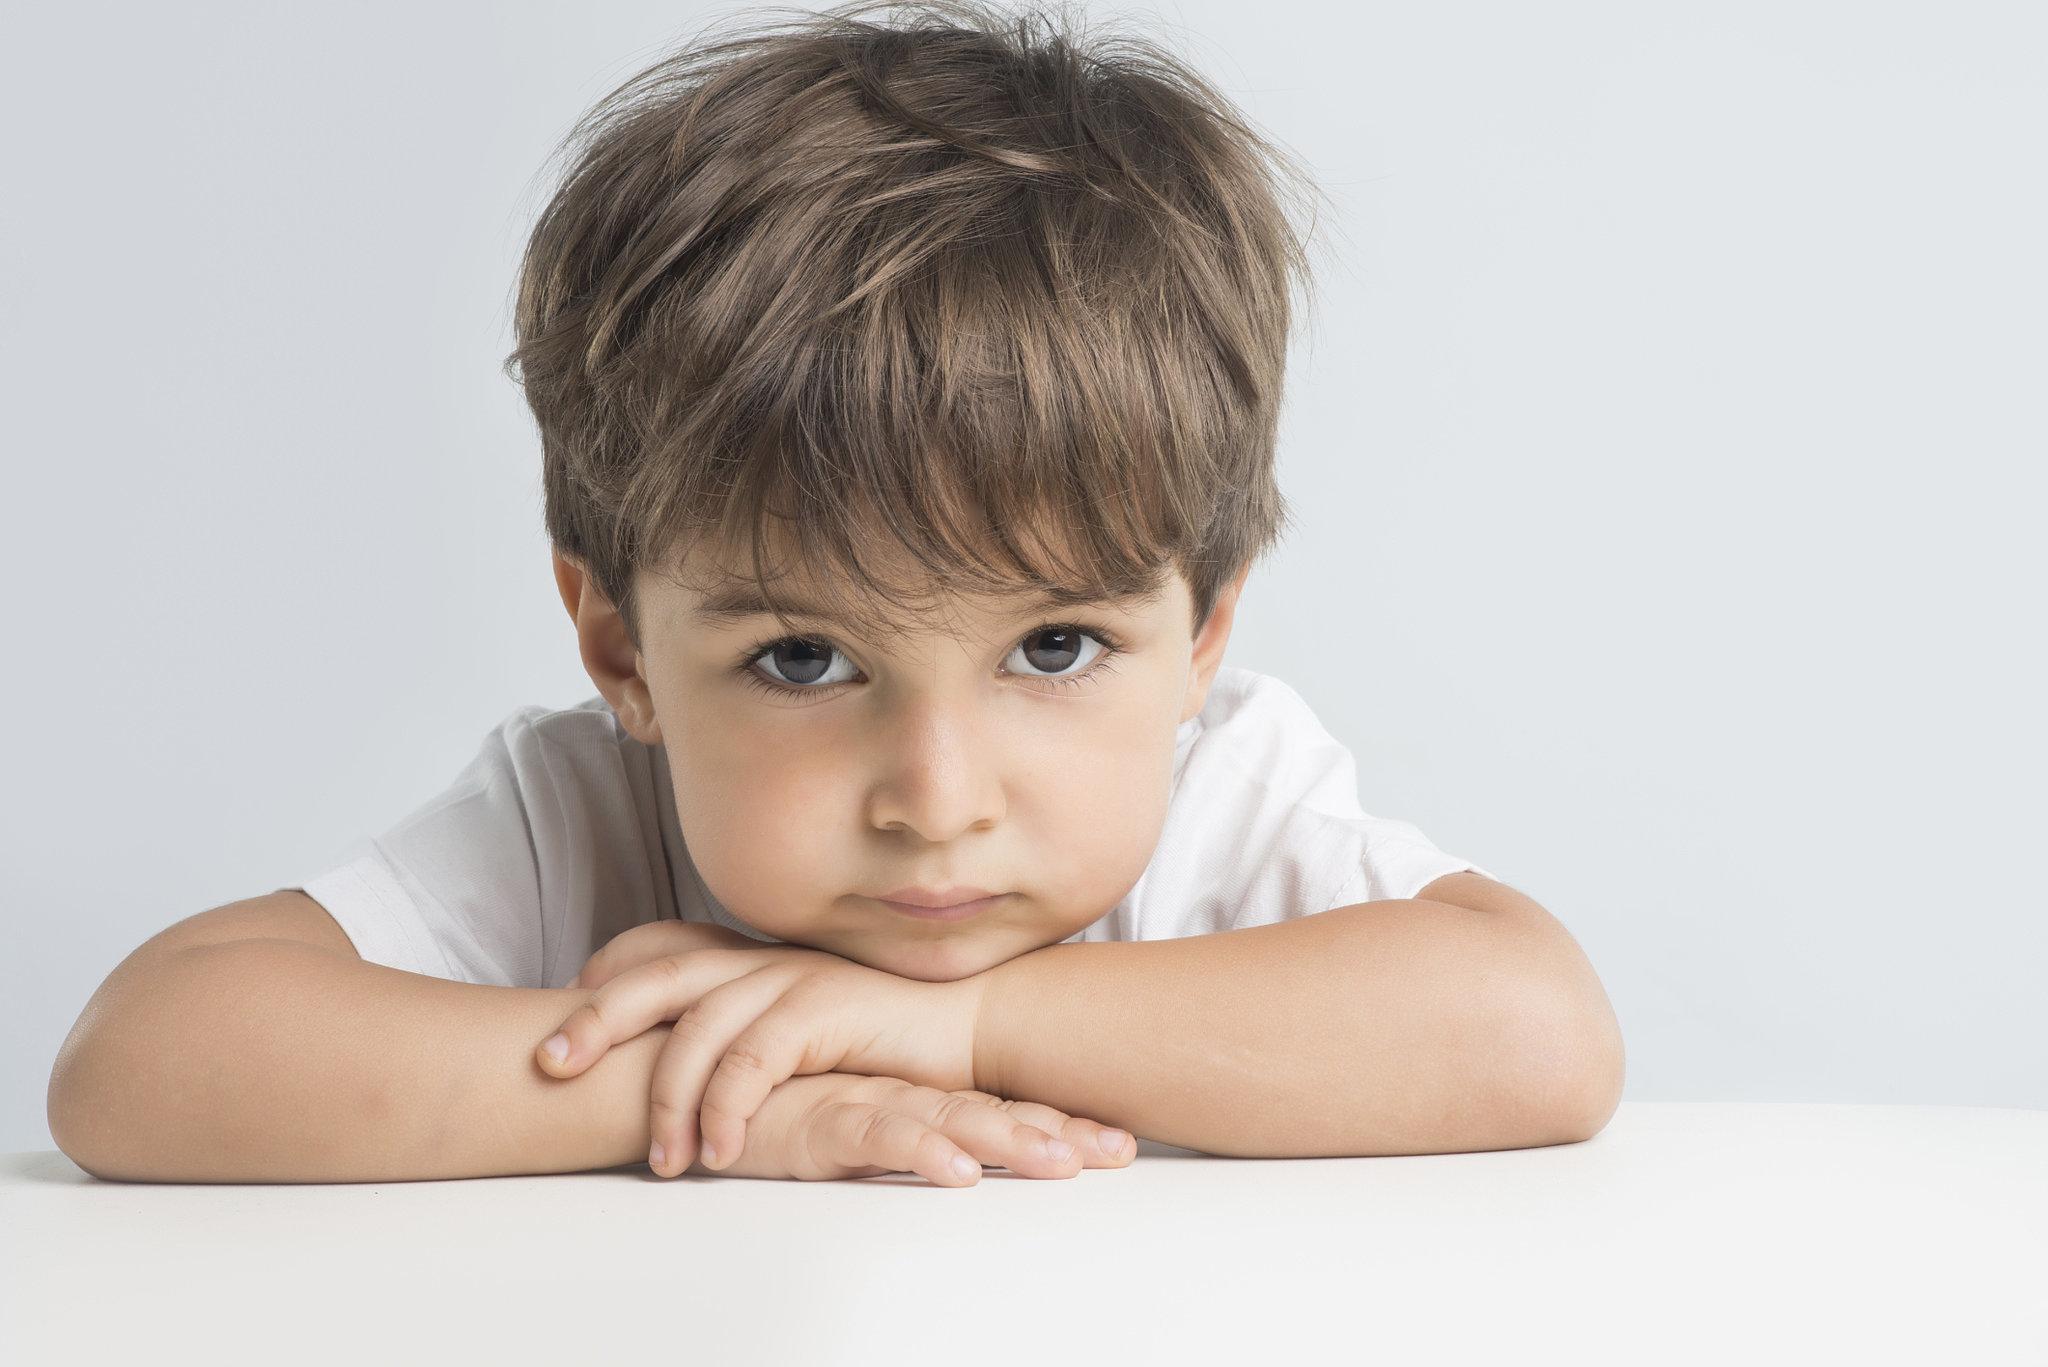 Προειδοποιητικά σημάδια του αυτισμού ανά ηλικία